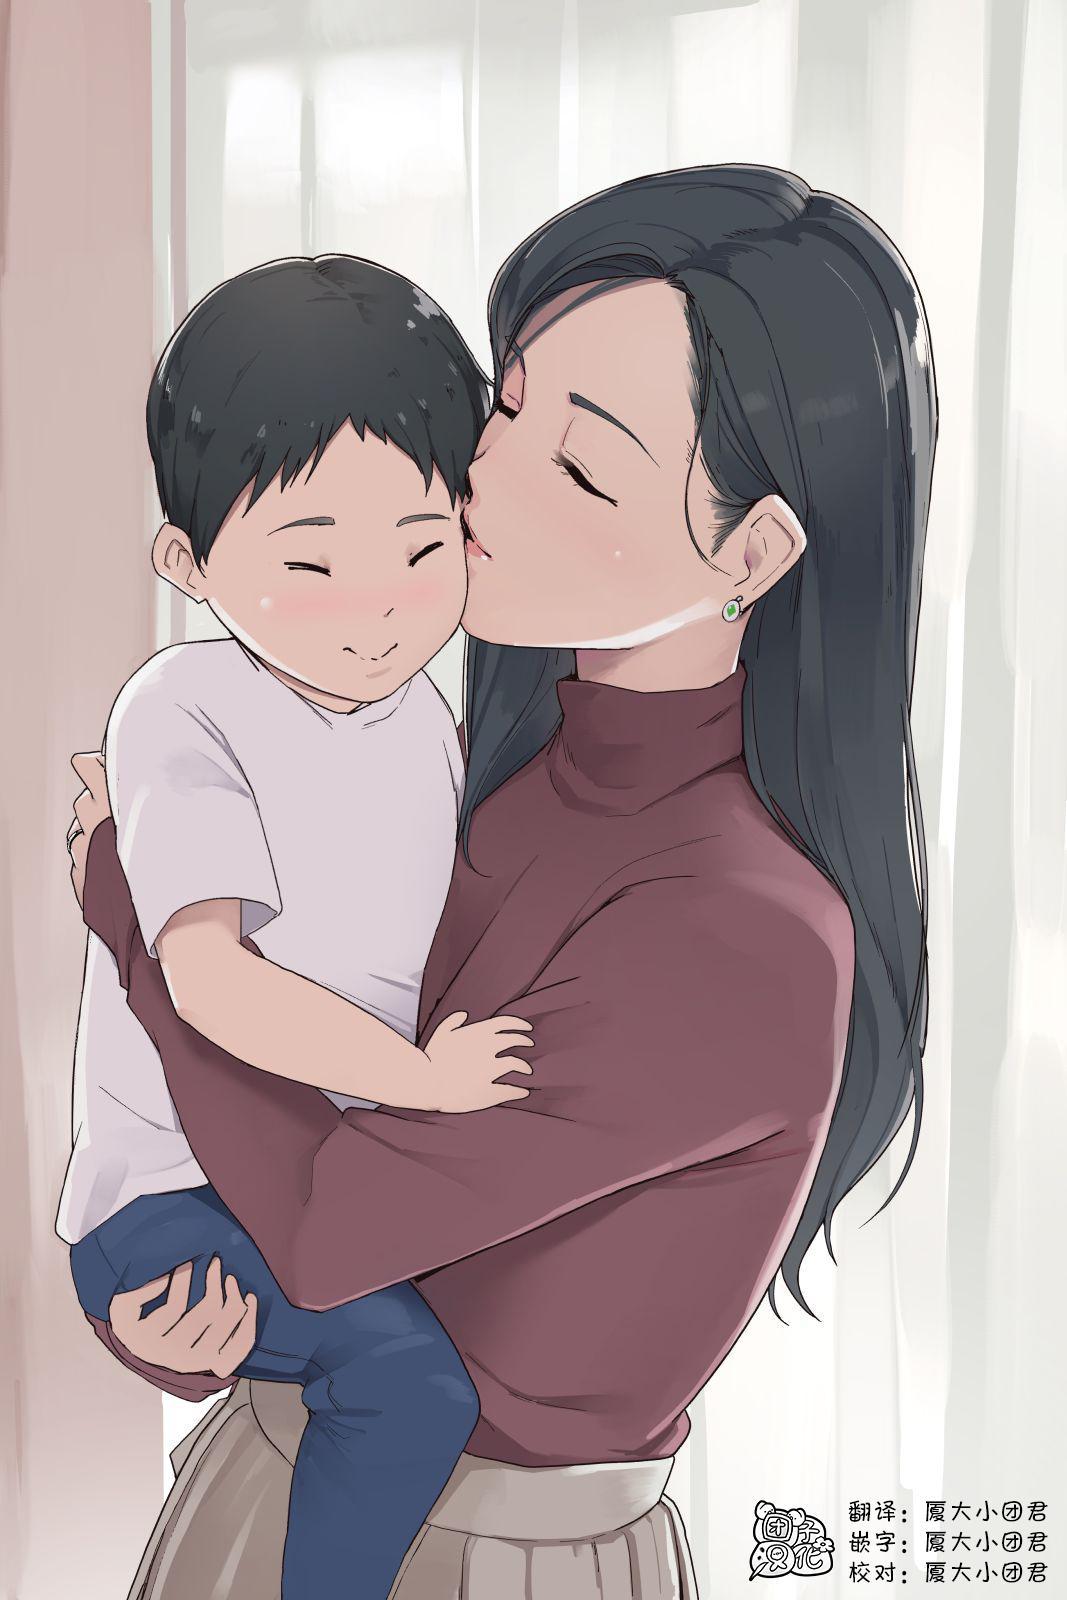 Haha no Kao to Onna no Kao o Tsukaiwakeru Mama no Ohanashi | 分别展现作为母亲的一面和作为女人的一面 0